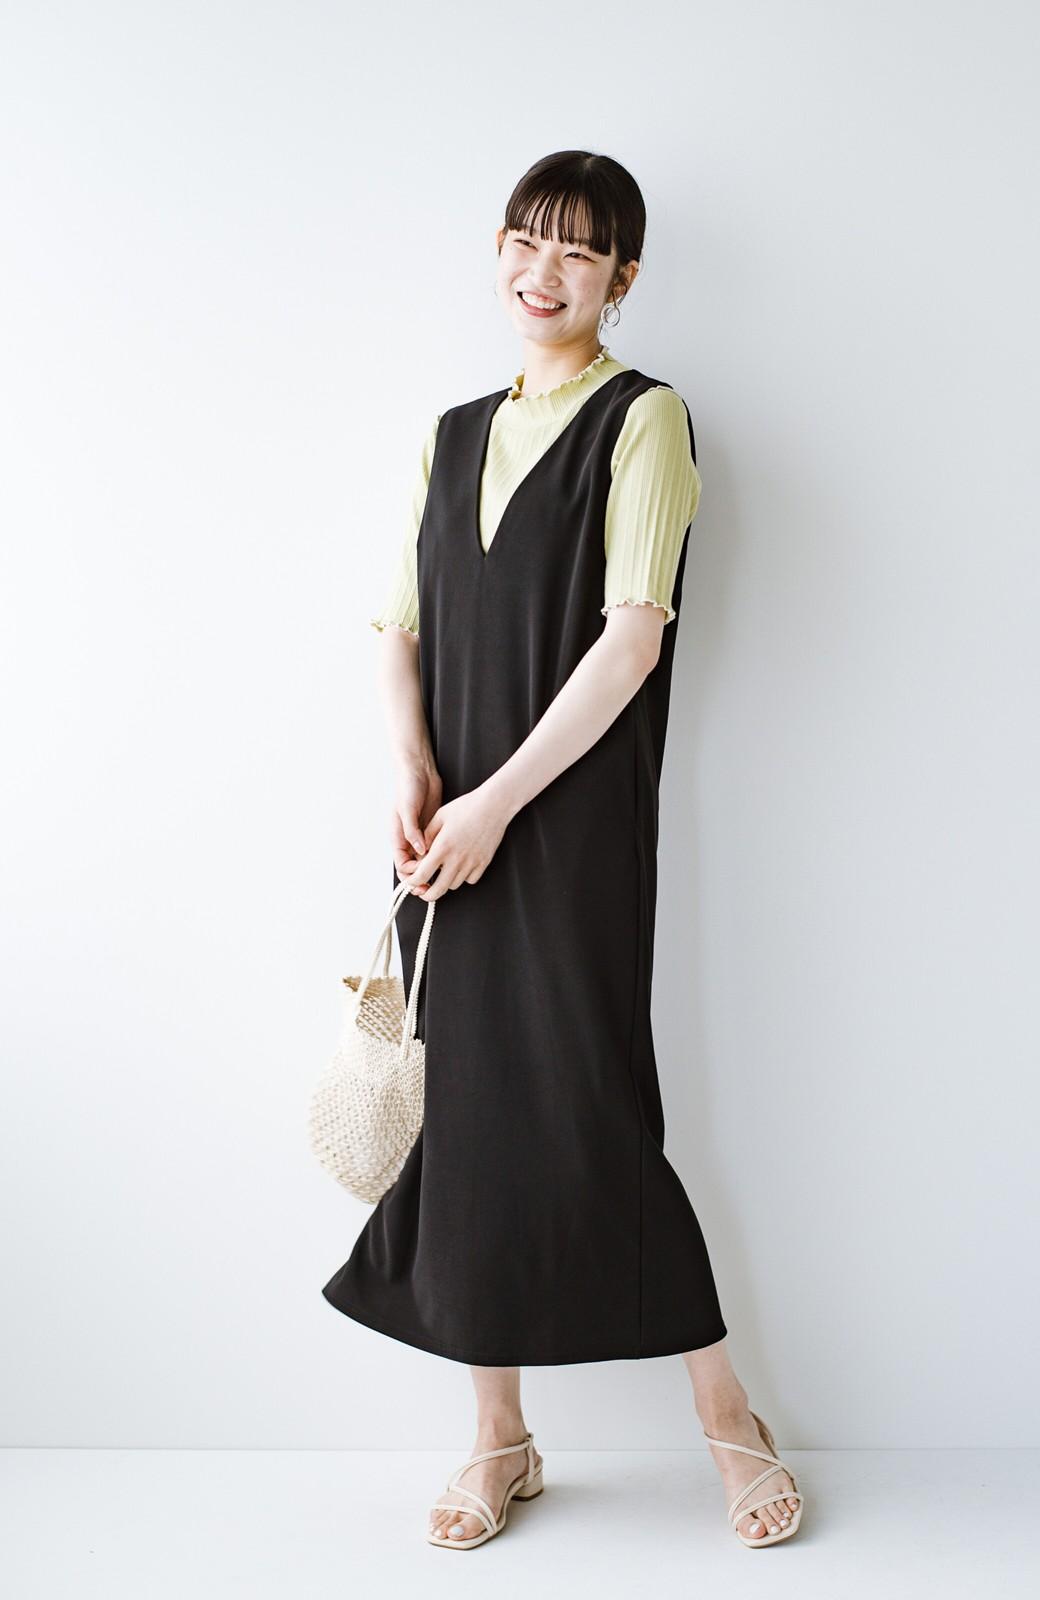 haco! 暑いねと寒いねを言い合える 続く日々がしあわせ どんな日にも寄り添うジャンパースカート by you made me <ブラック>の商品写真12